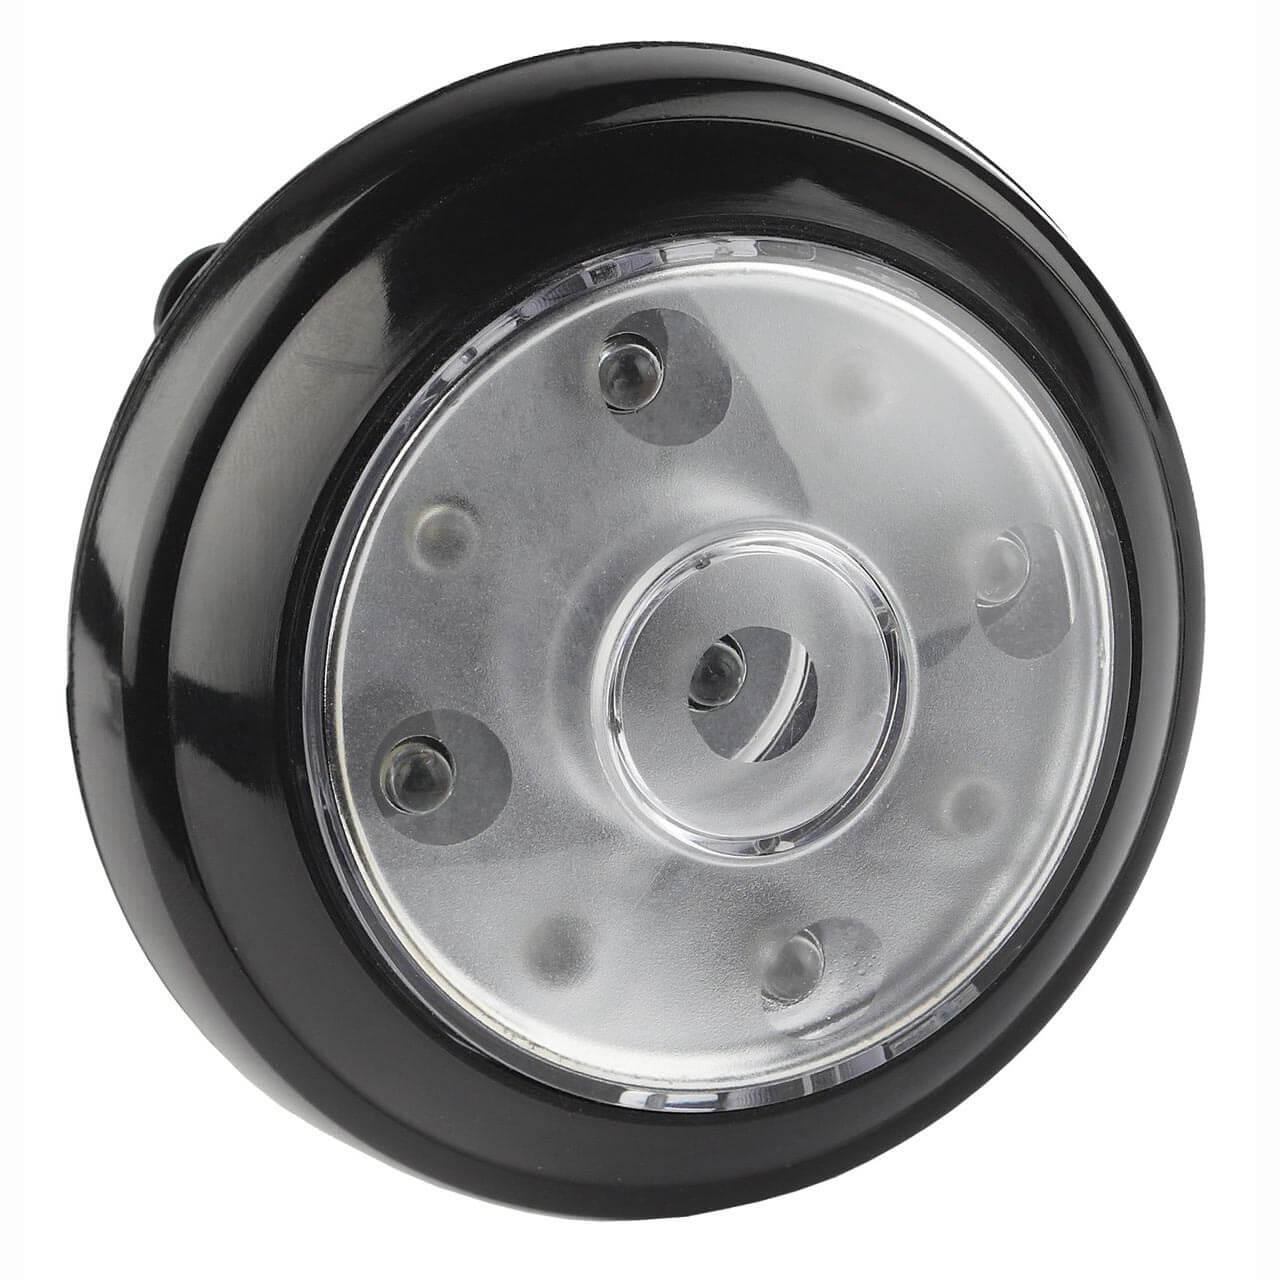 цена на Настенный светодиодный светильник ЭРА Луна L40